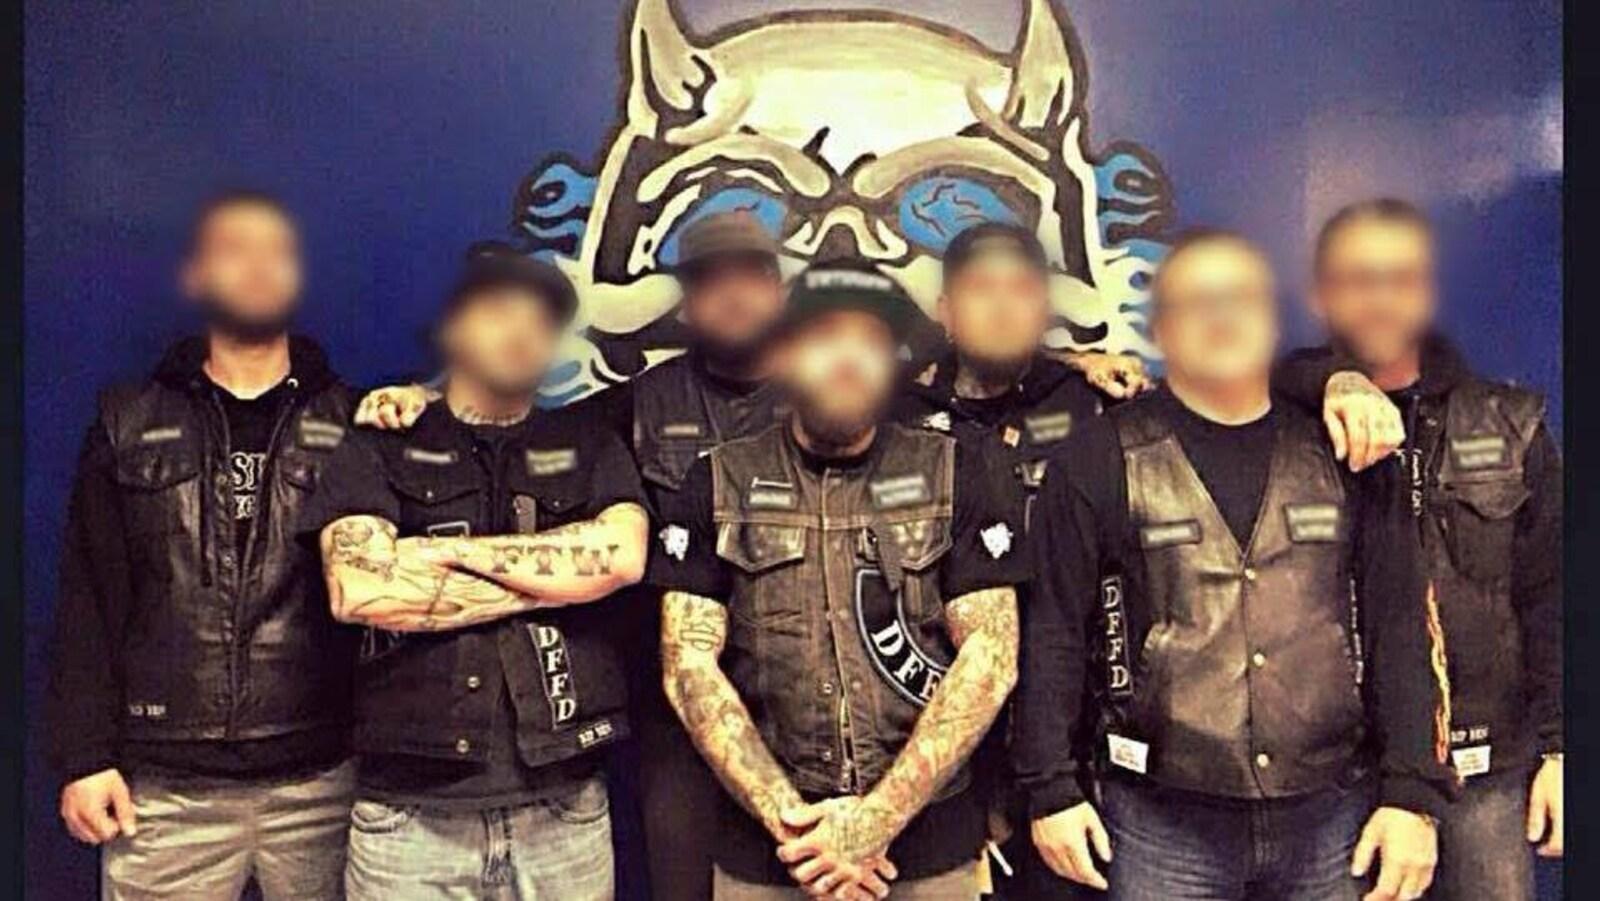 Les membres du groupe de motards Darksiders North Shore prennent la pose devant une affiche du groupe. Leurs visages sont brouillés.